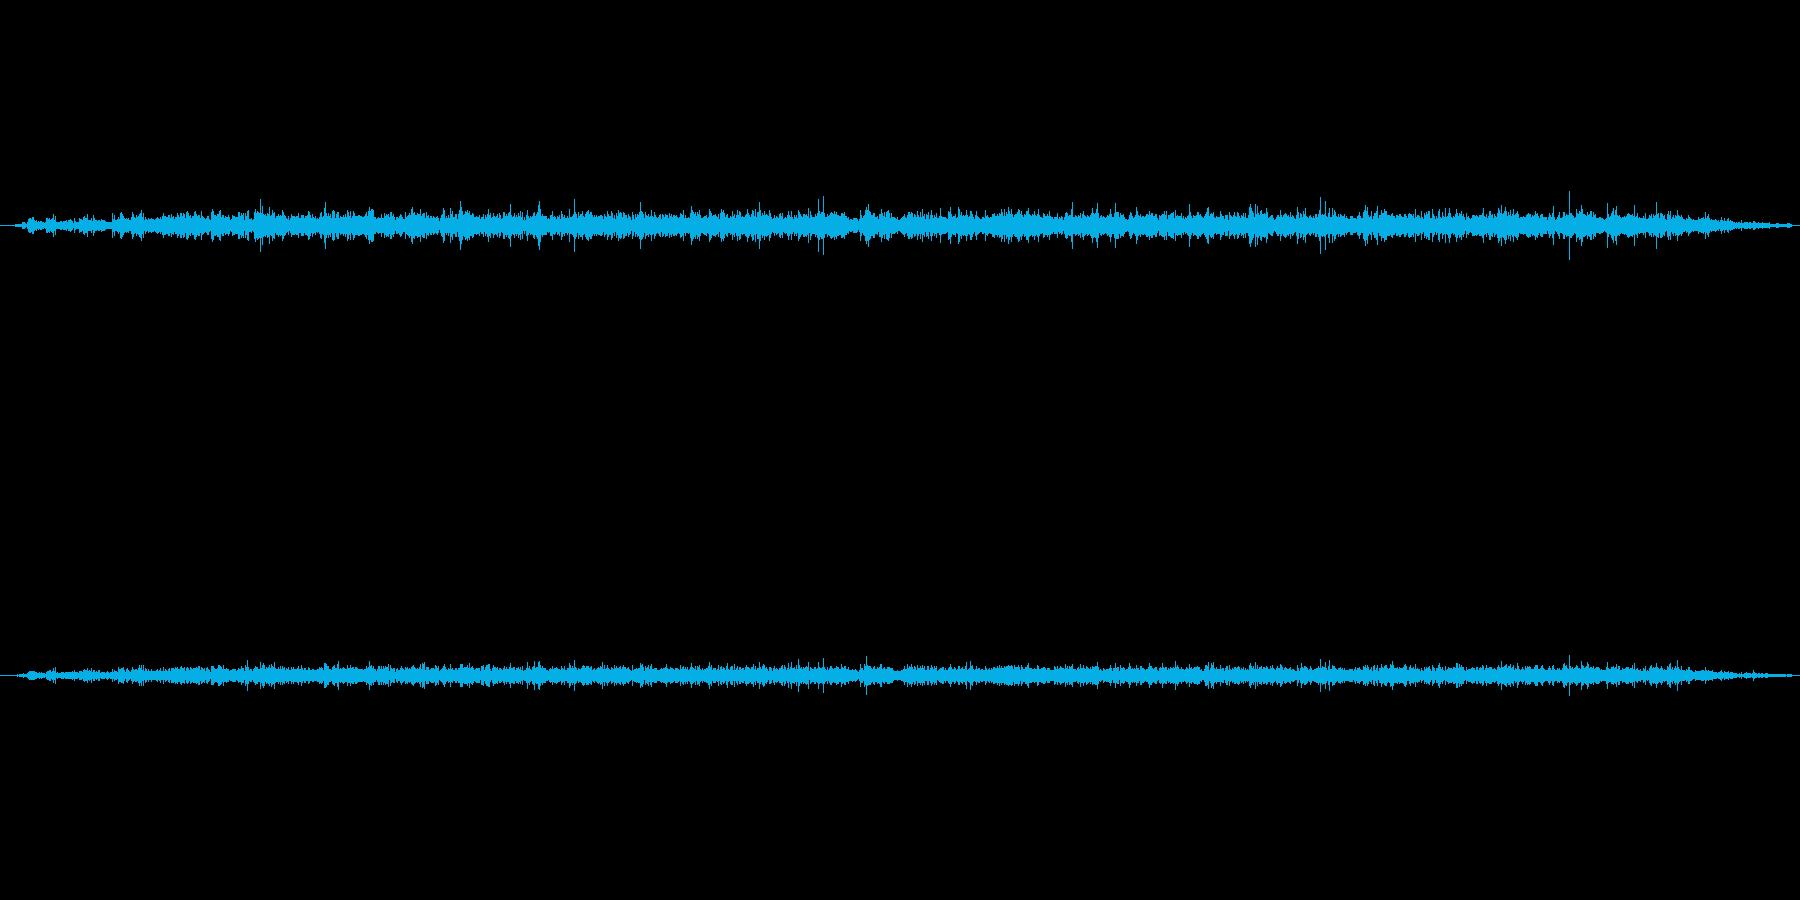 パチパチパチパチと拍手喝采の音の再生済みの波形